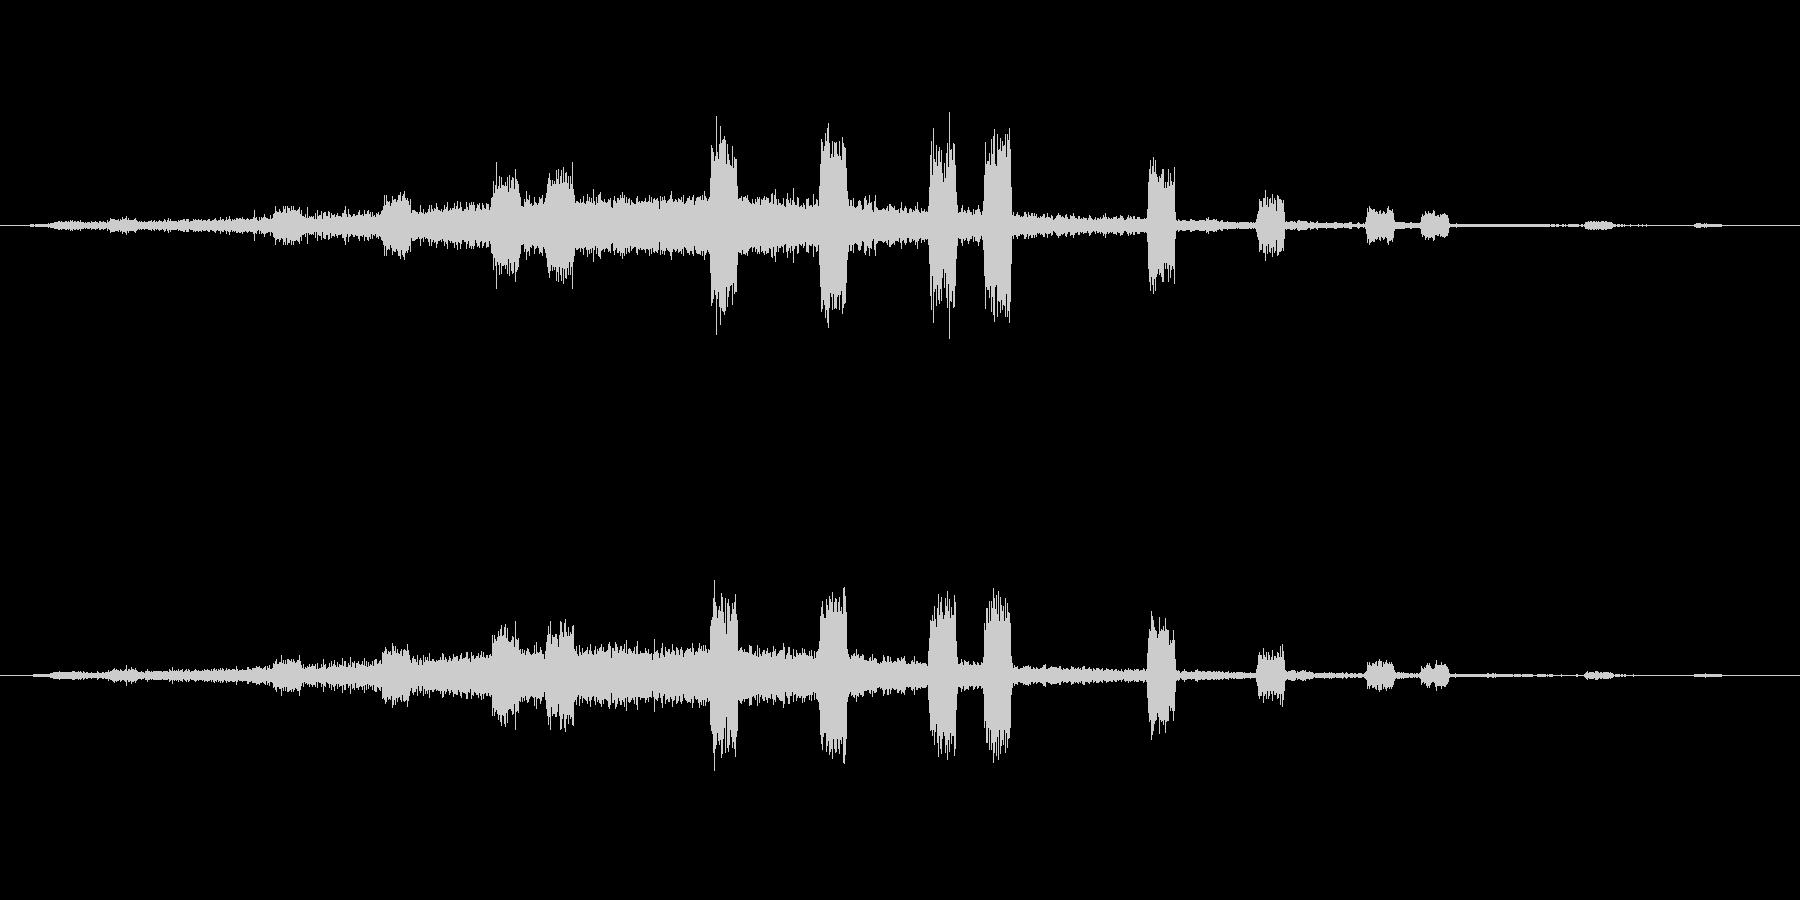 企業のサウンドロゴ(Cool+進歩)の未再生の波形